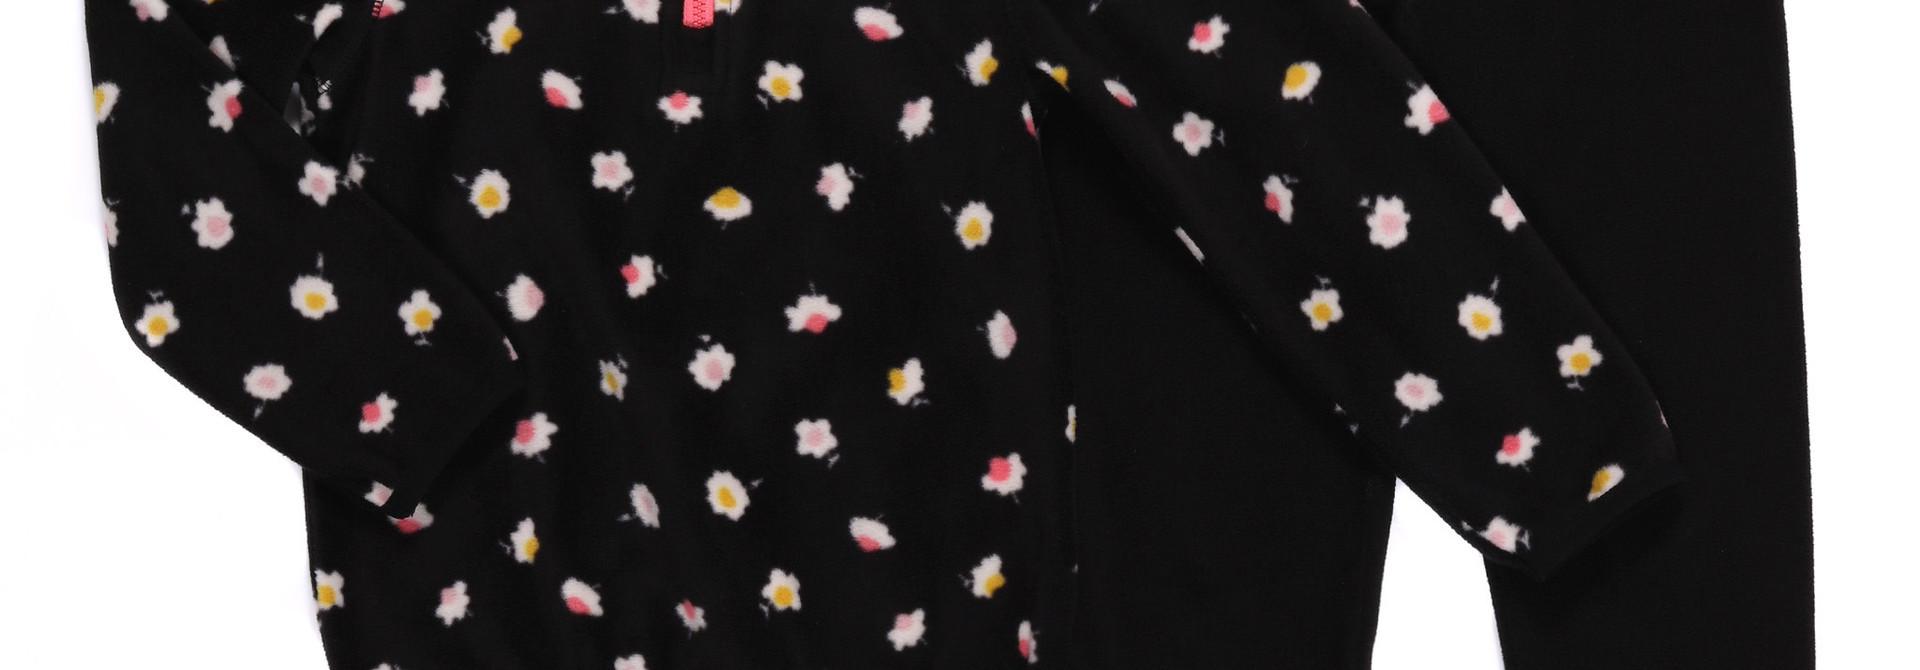 Sous-vêtement en micropolar Noir Fleurs